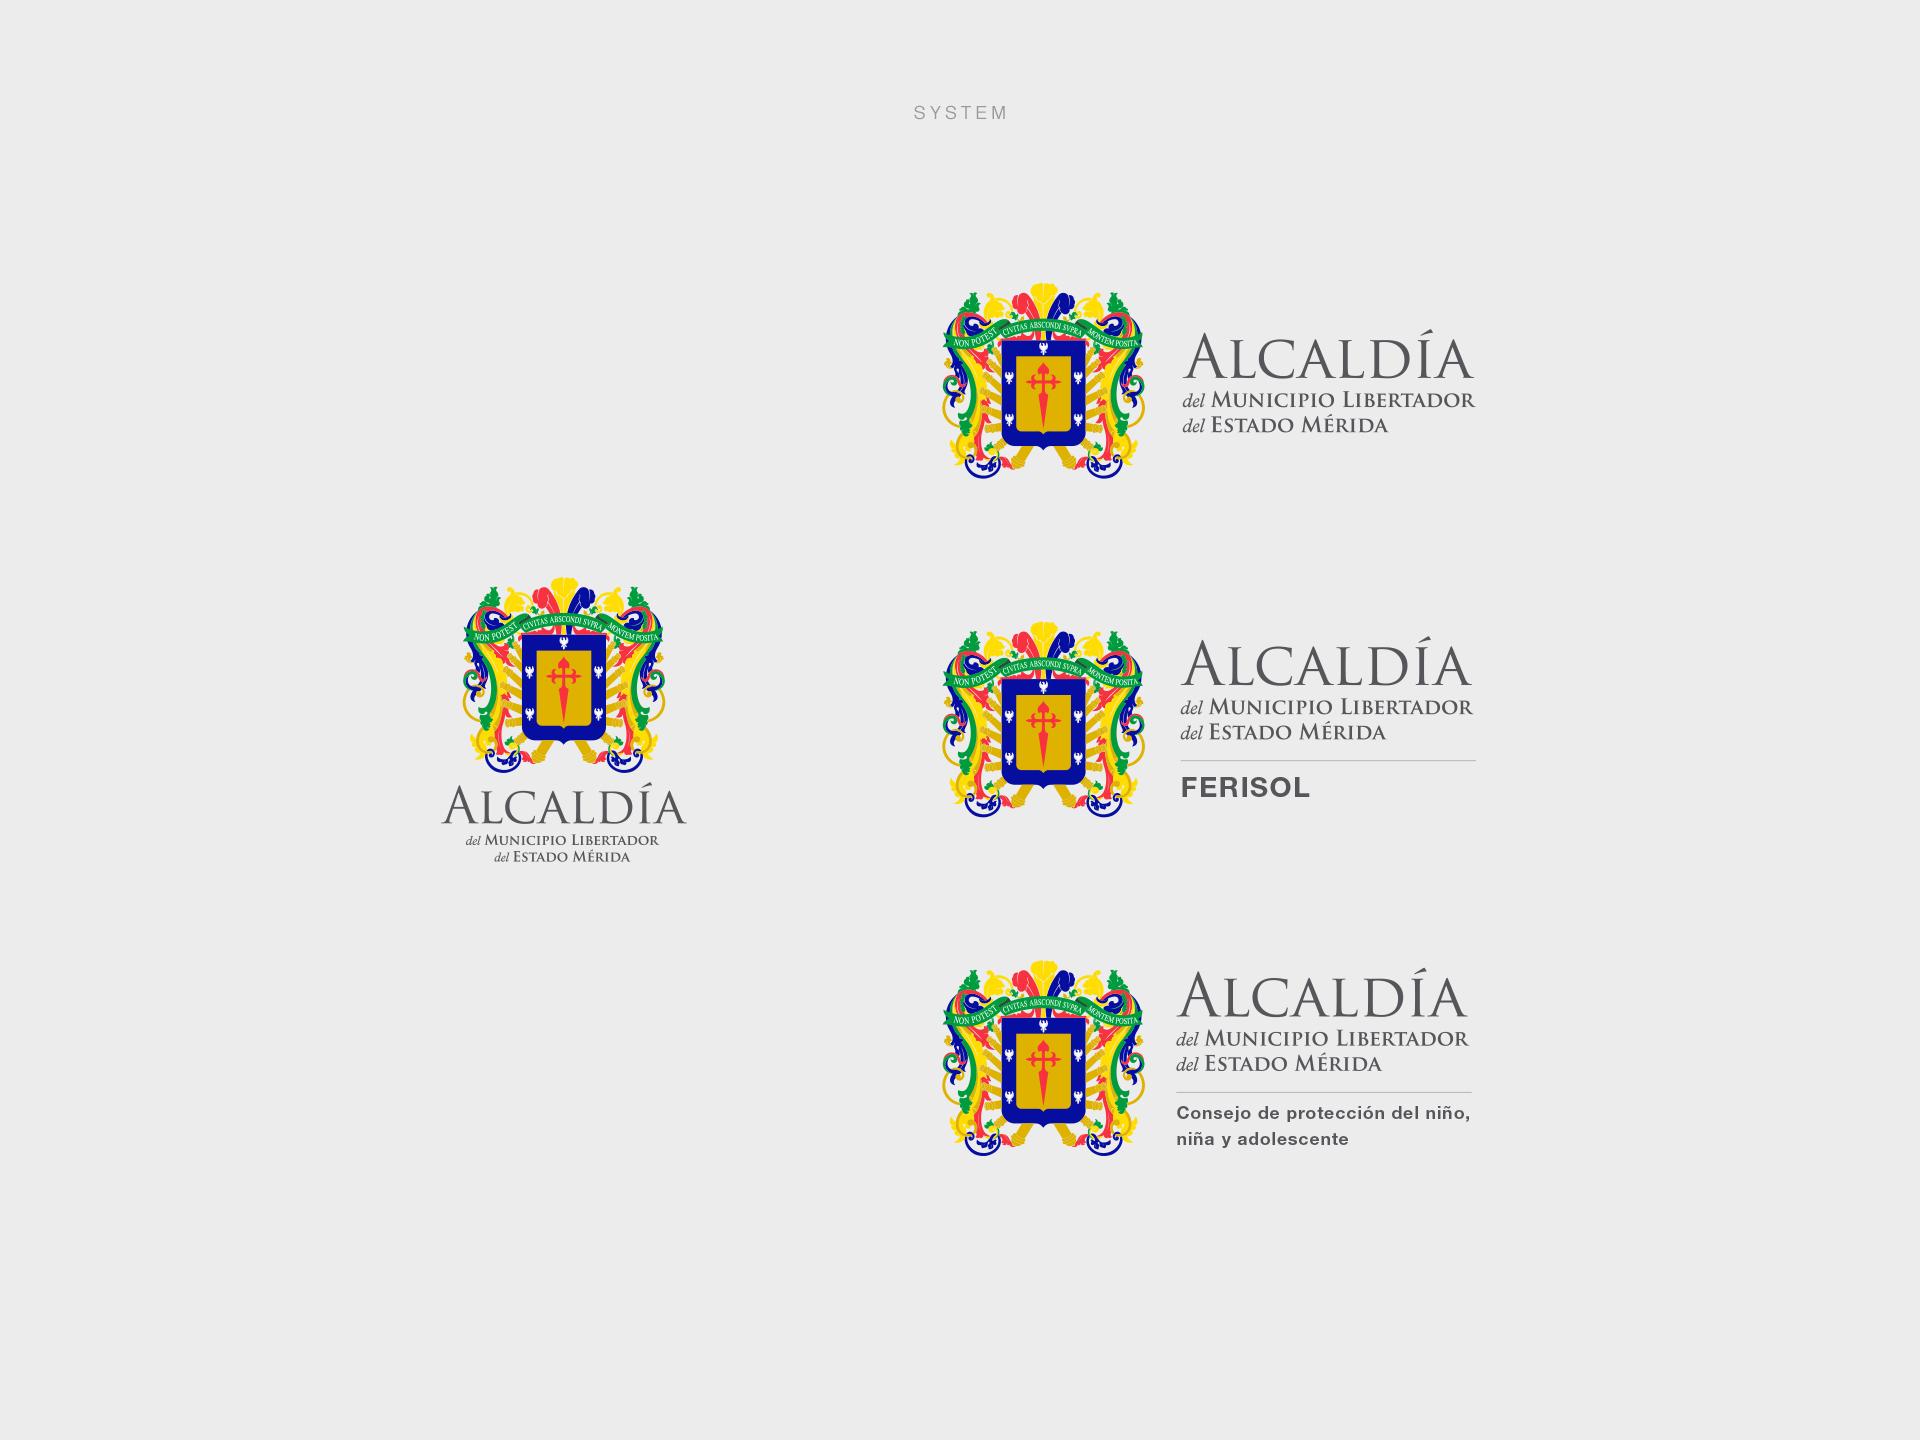 Jhonatan Medina Caguana_Alcaldia_SYSTEM